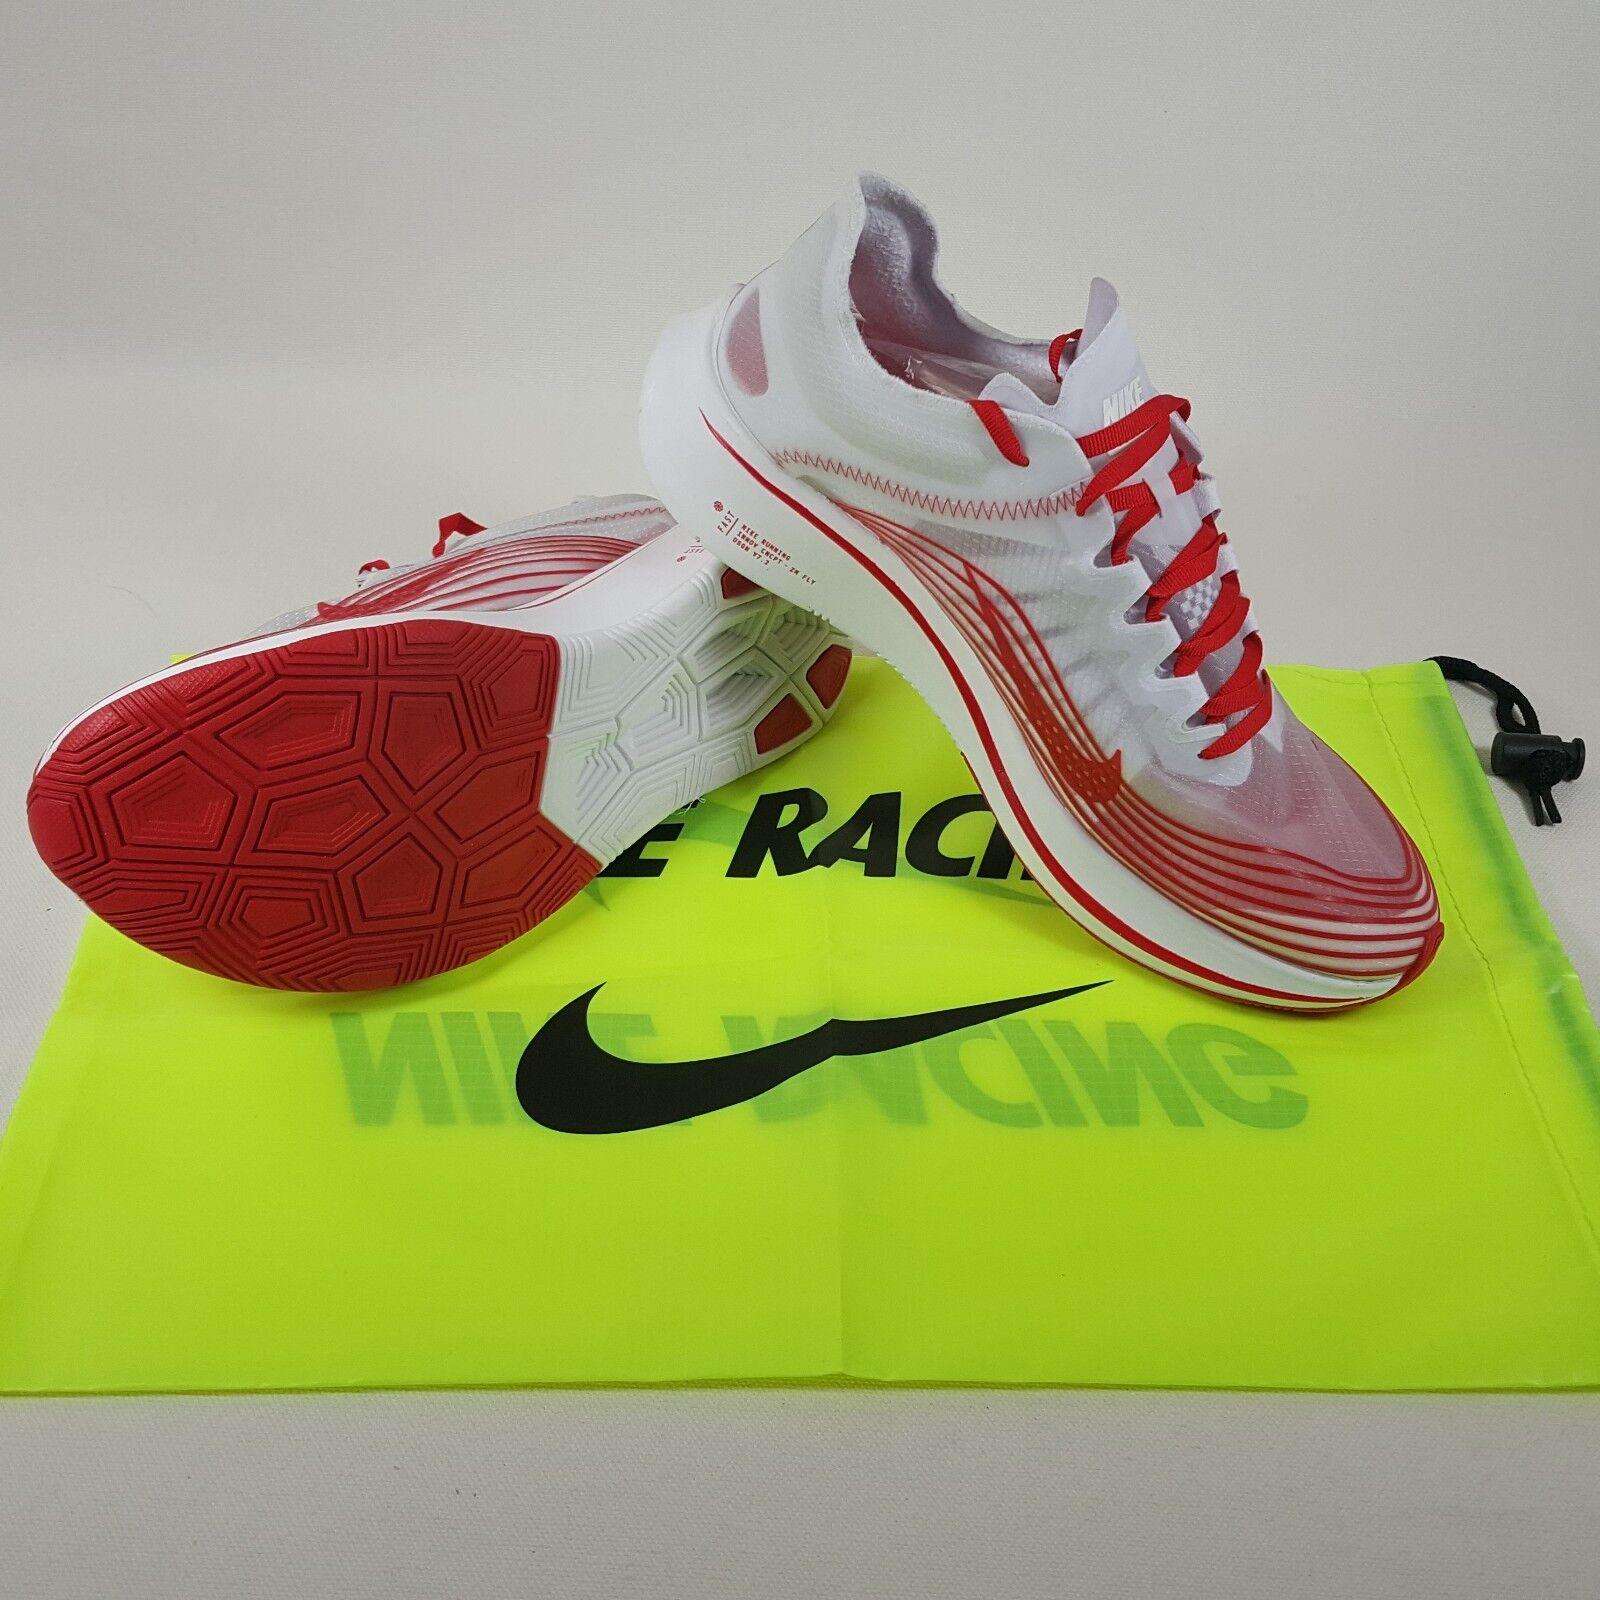 Nike Zoom BLANCO/ROJO Fly SP Tokyo NIKELAB BLANCO/ROJO Zoom UNIVERSITARIO Zapatillas Para Correr Para hombres 3e0f61